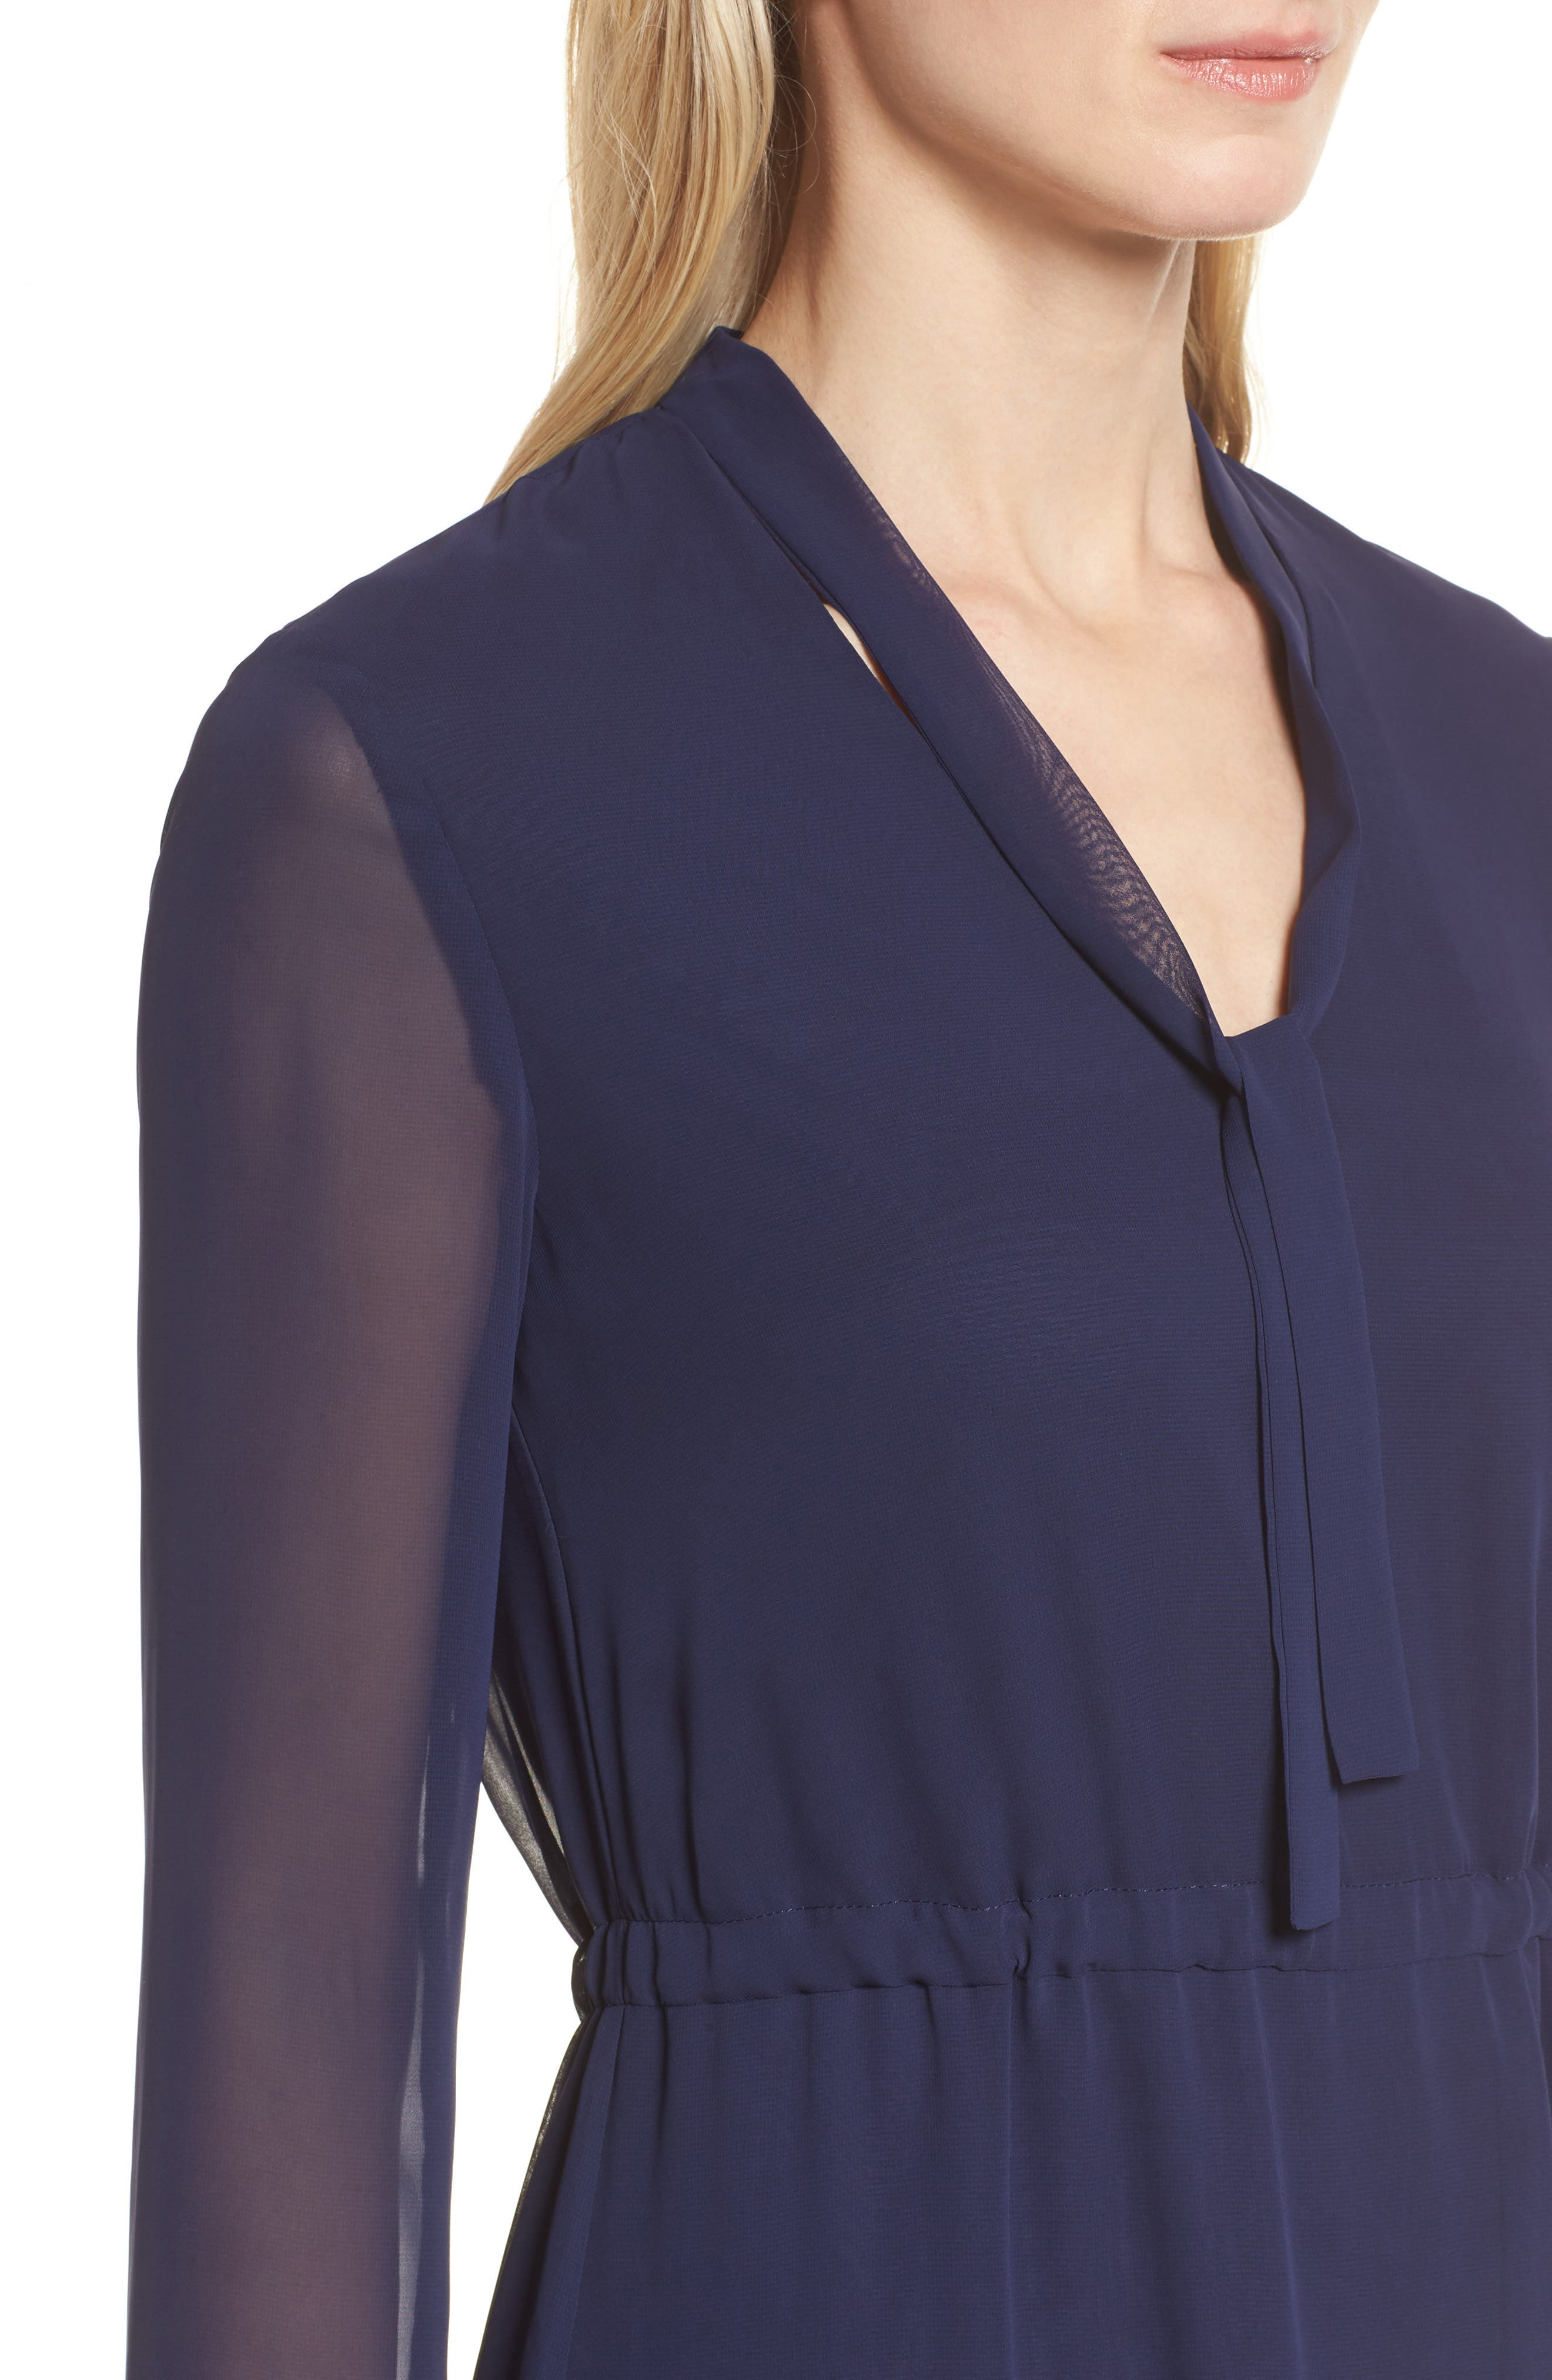 Sheer Overlay Tie Dress,                             Alternate thumbnail 4, color,                             Breton Blue